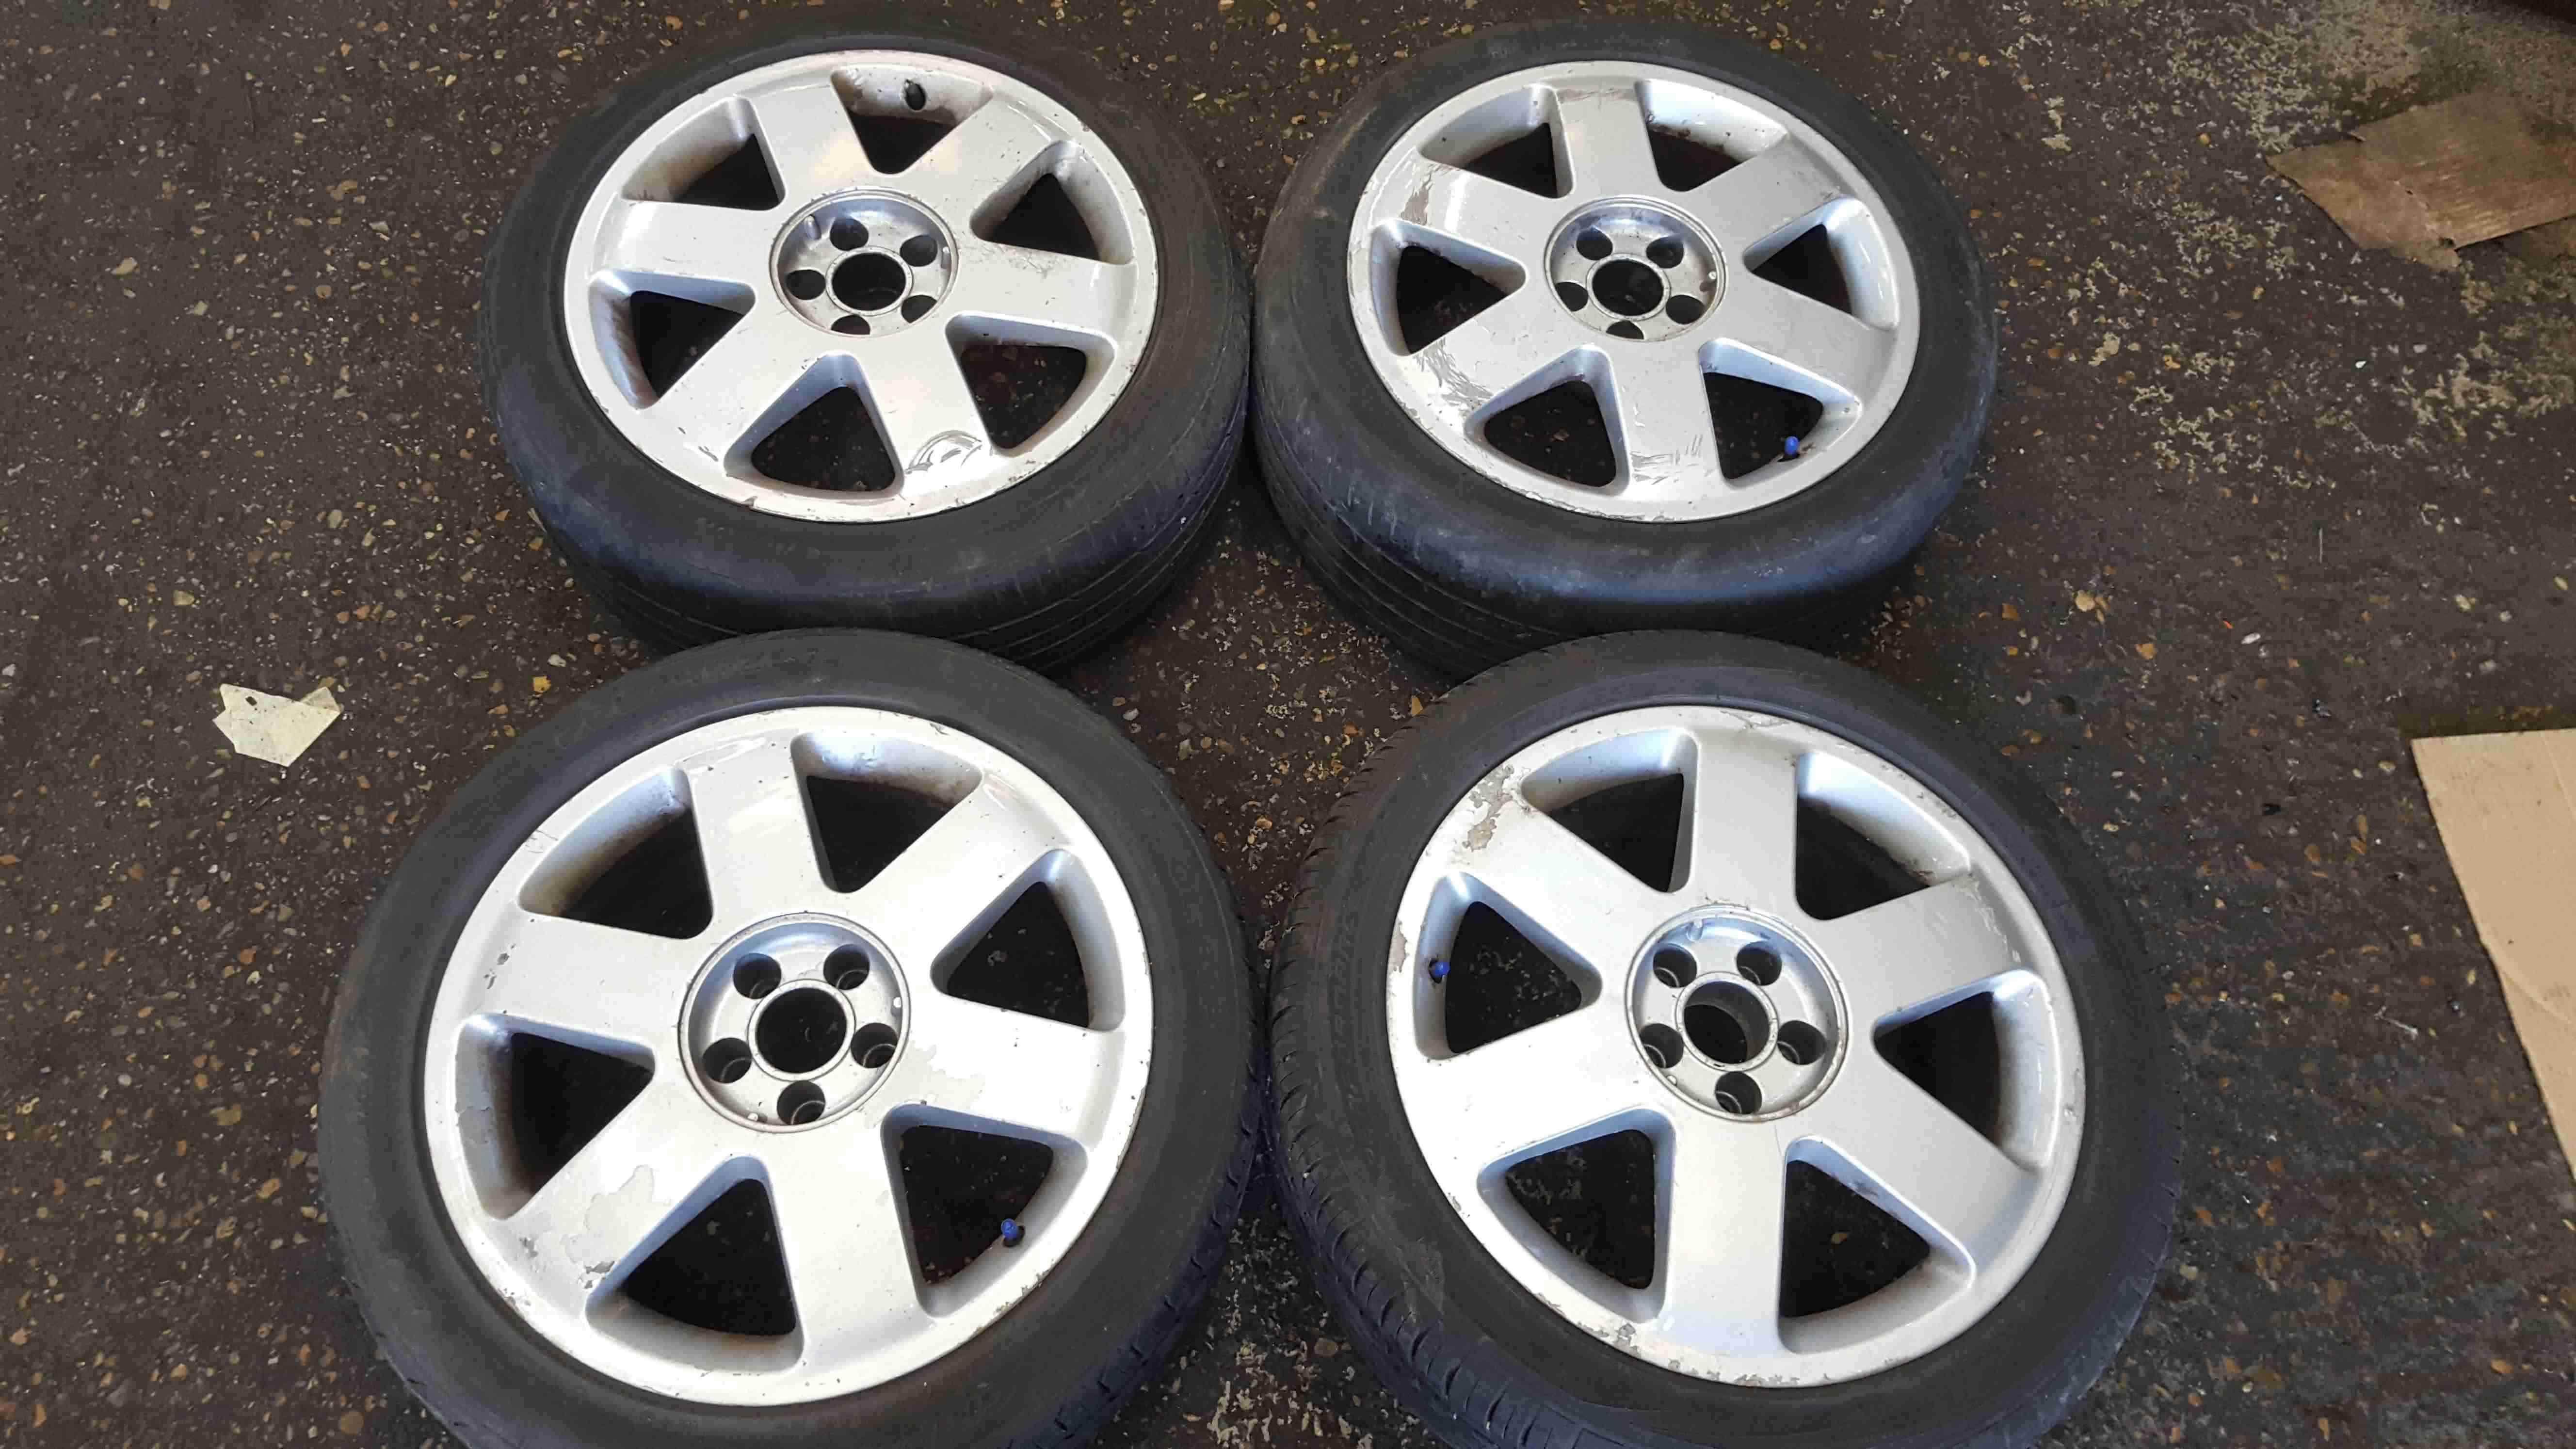 Volkswagen Beetle Audi TT 2002-2006 Ronal Alloy Wheels Set X4 17inch 8N0601025A